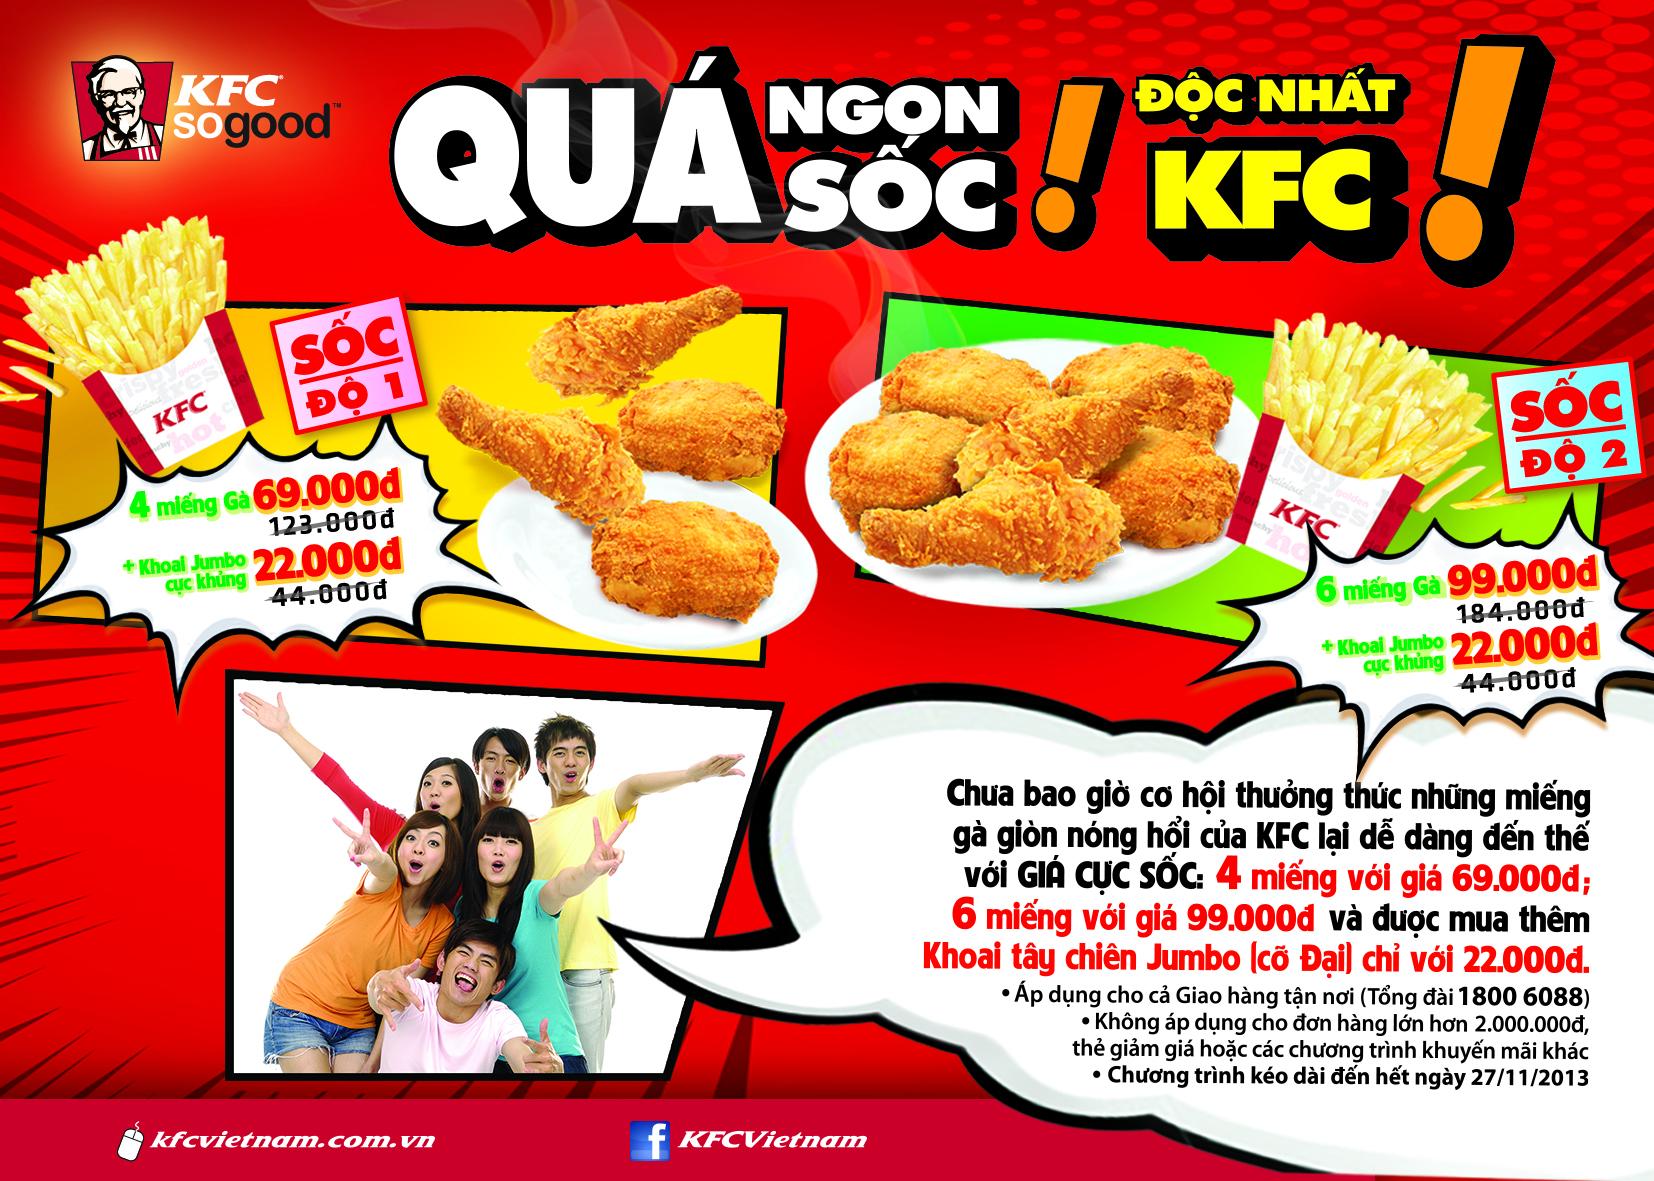 KFC khuyến mãi cực sốc chỉ với 16,500vnd/1 miếng gà